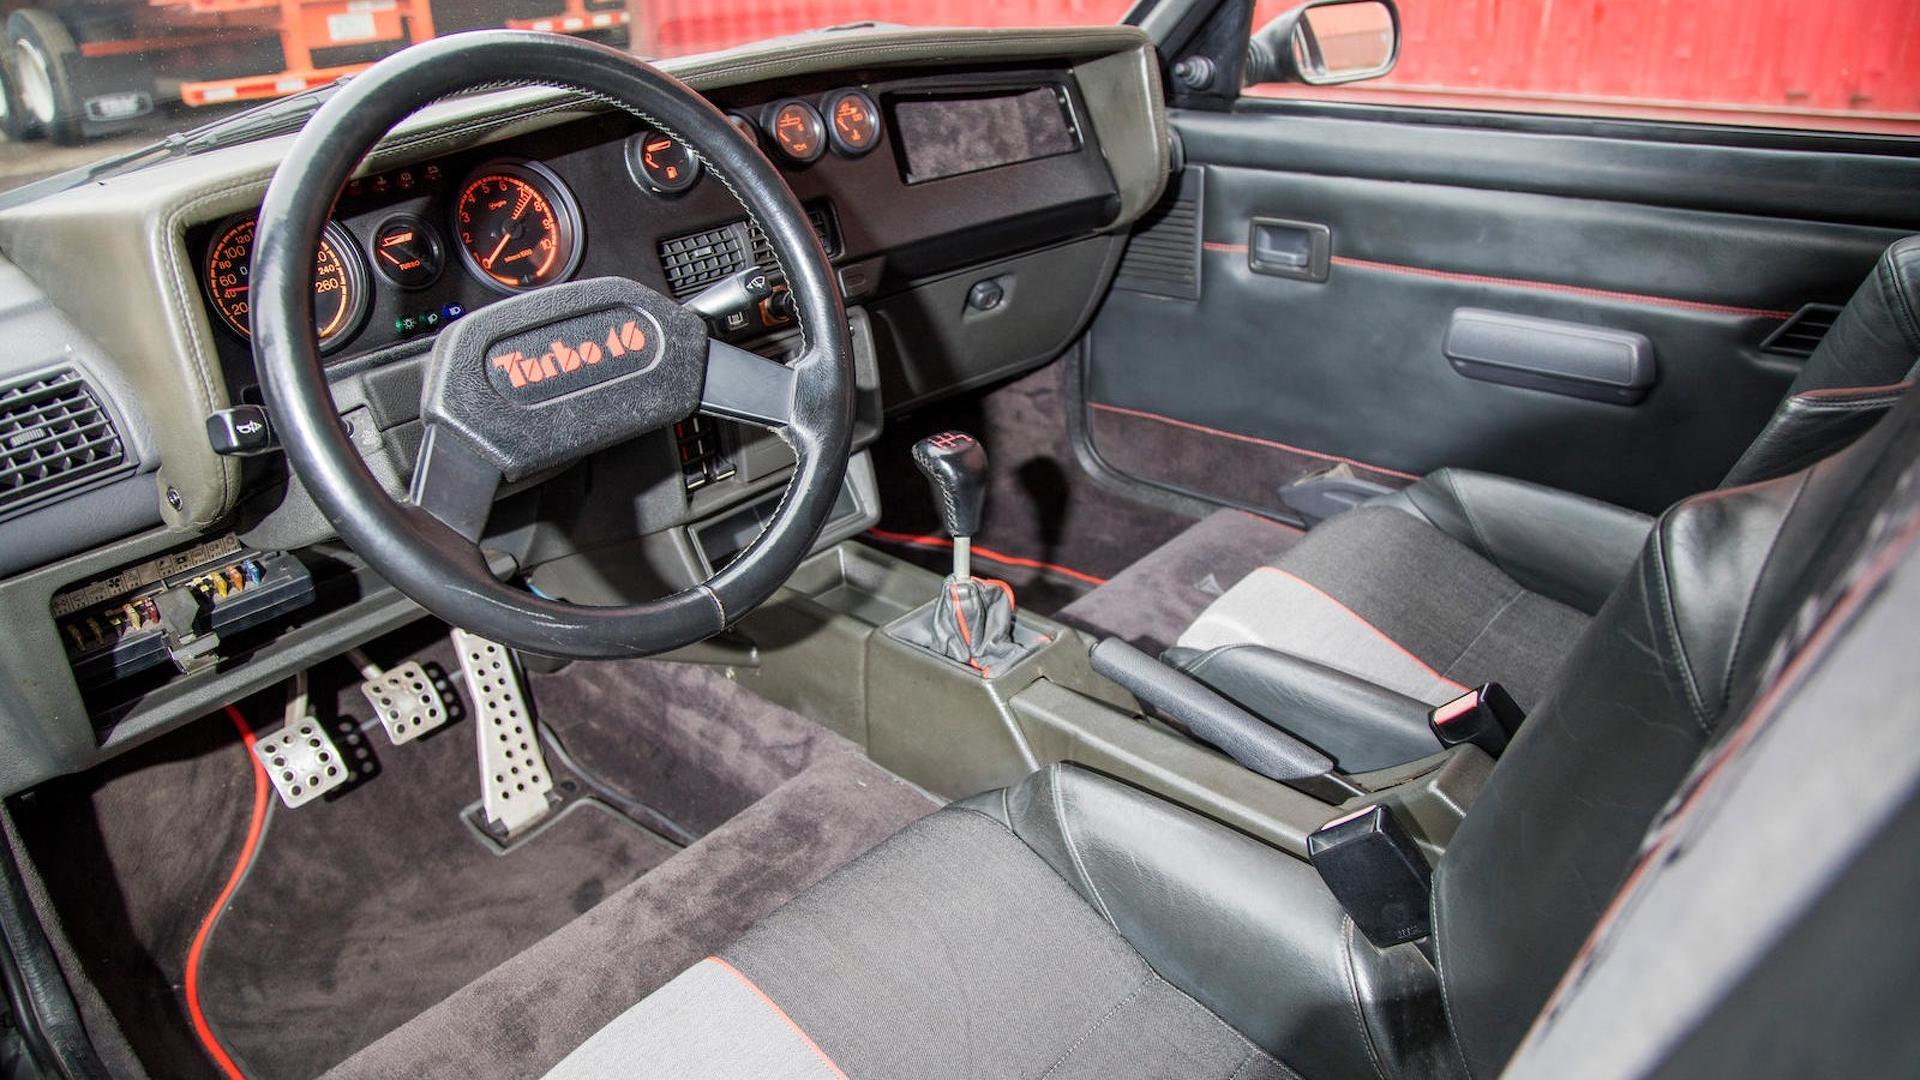 1985_Peugeot_205_Turbo_16_35